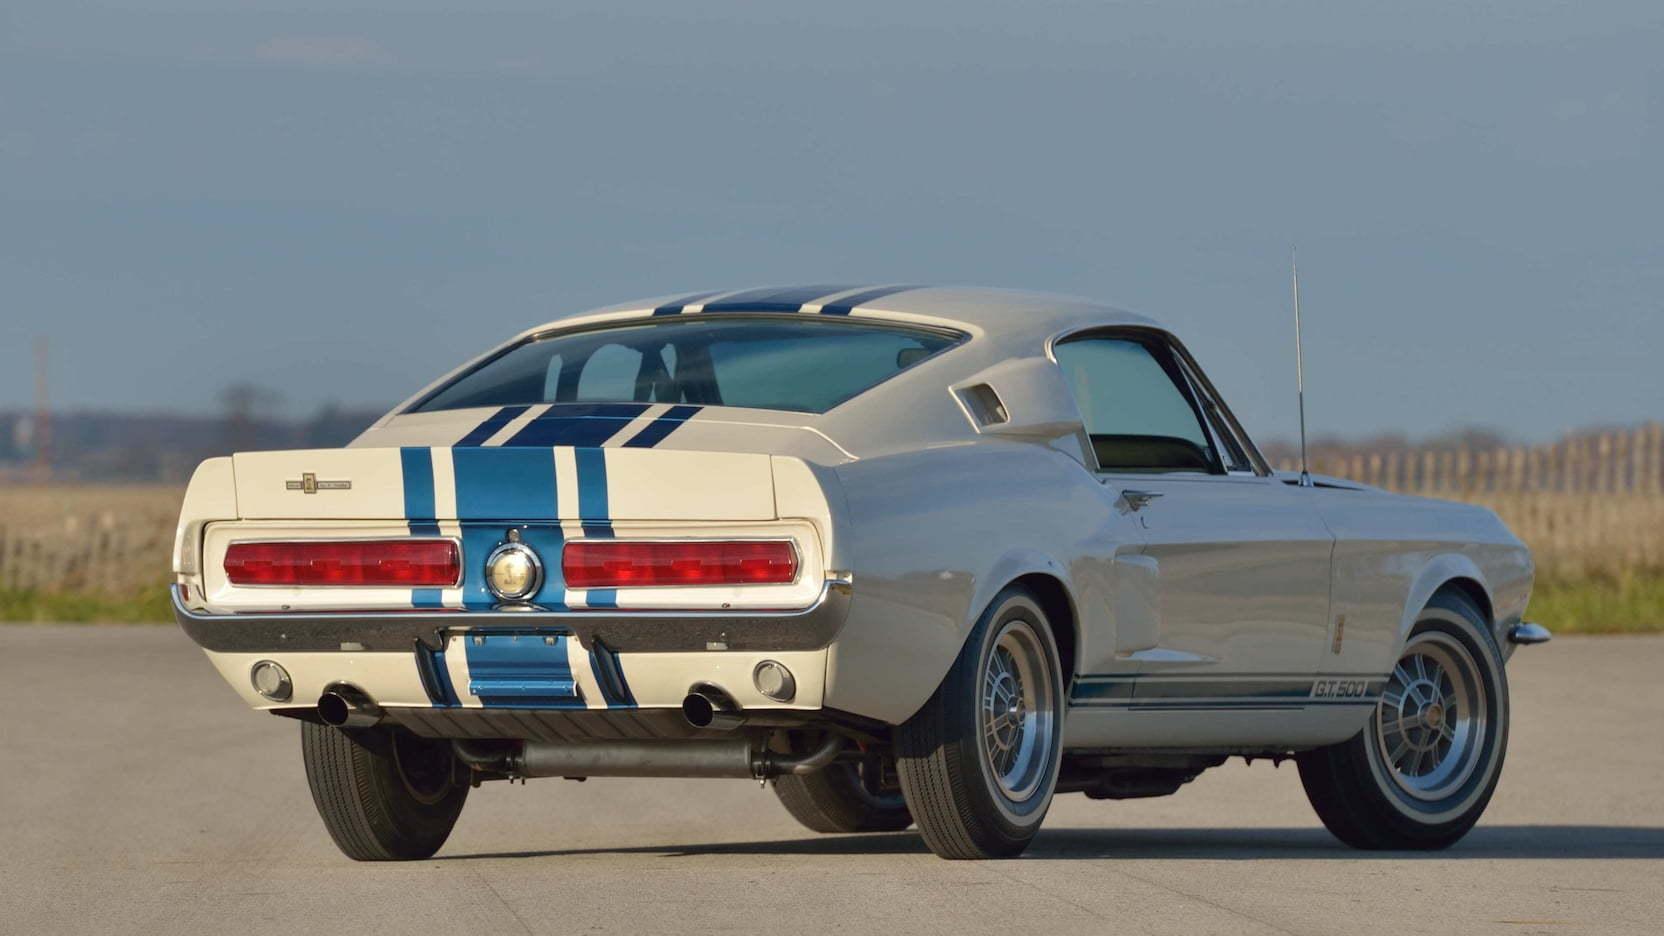 Subasta 1967 Mustang Shelby GT500 Super Snake 1